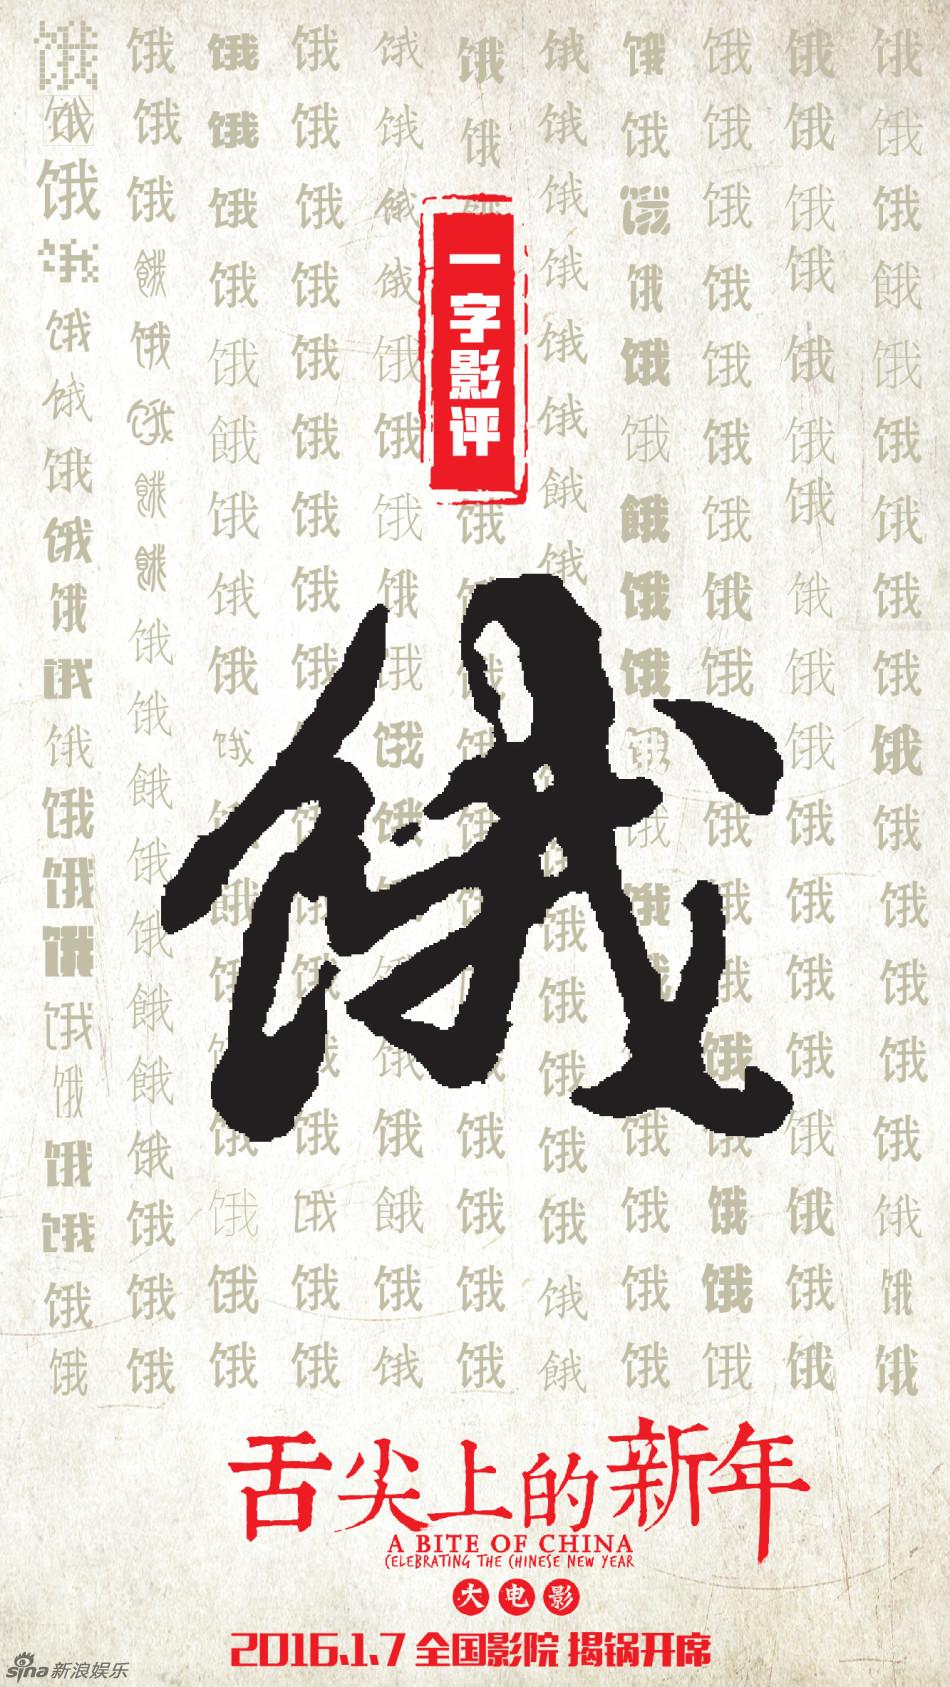 组图 舌尖上的新年 饿 版海报